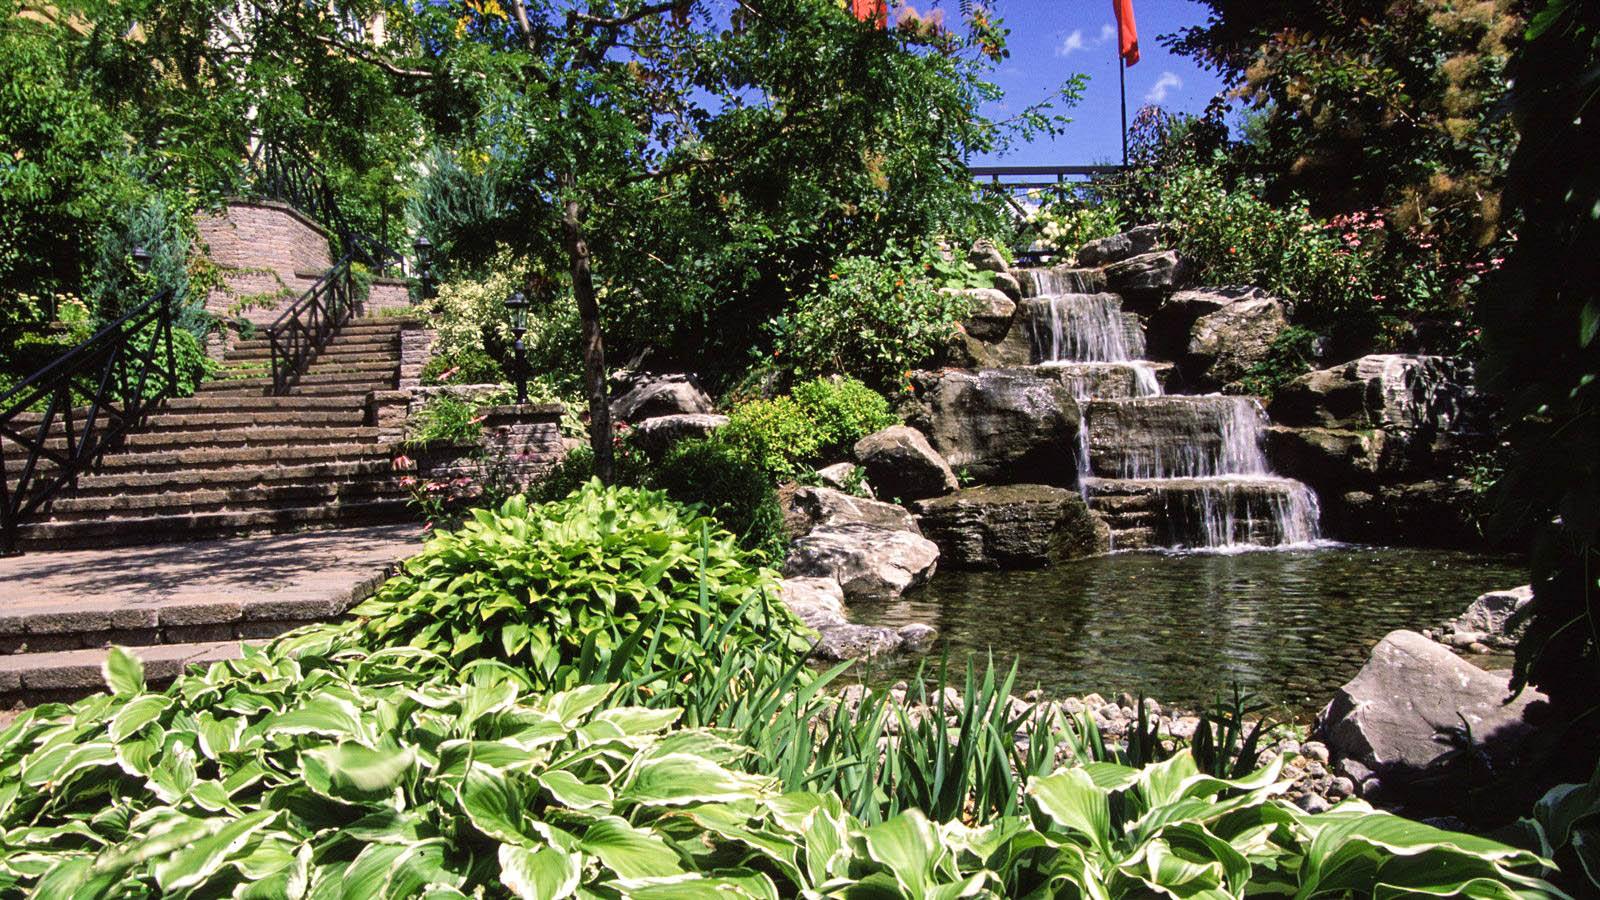 Comment Faire Son Jardin D'eau : Trucs Et Astuces Pour ... tout Fontaine Naturelle Jardin